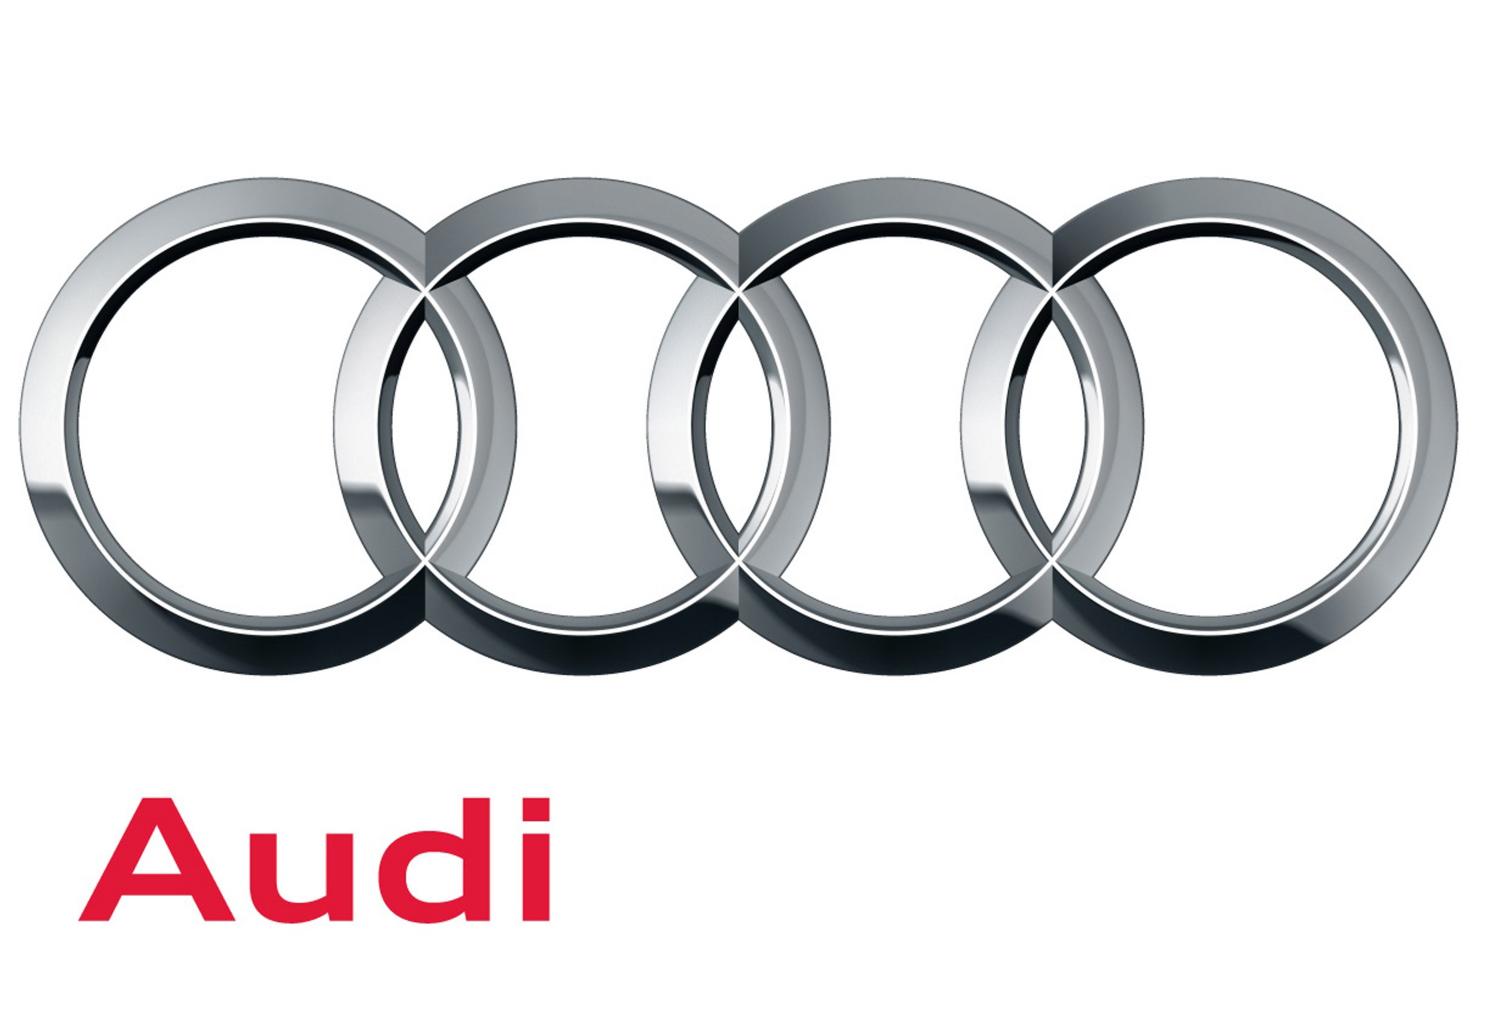 Target Logo Transparent Background